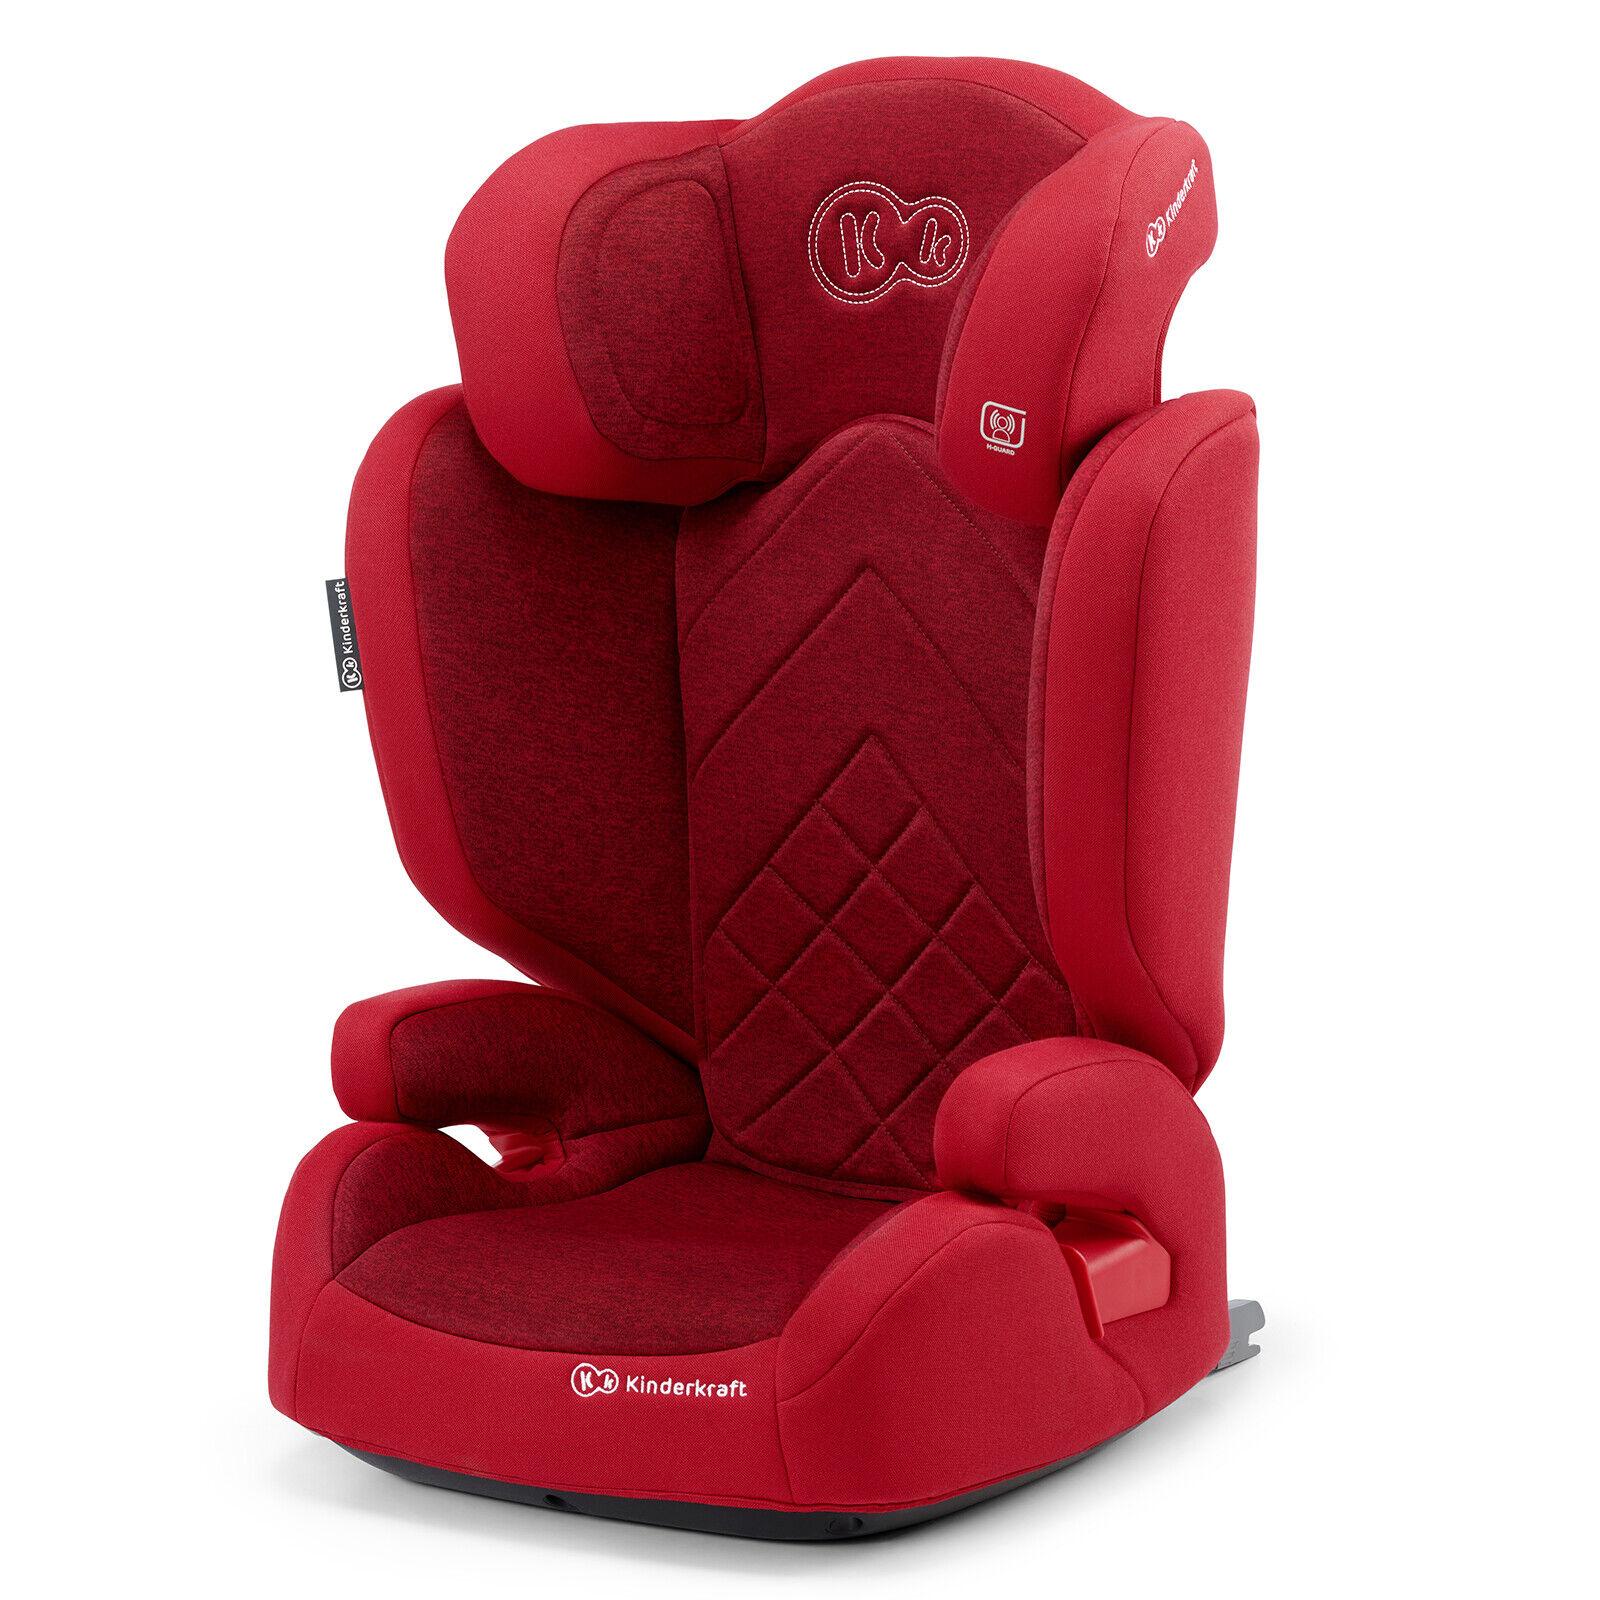 Kinderkraft Seggiolino Auto XPAND Isofix Regolabile Gruppo 2/3 15-36 kg Rosso